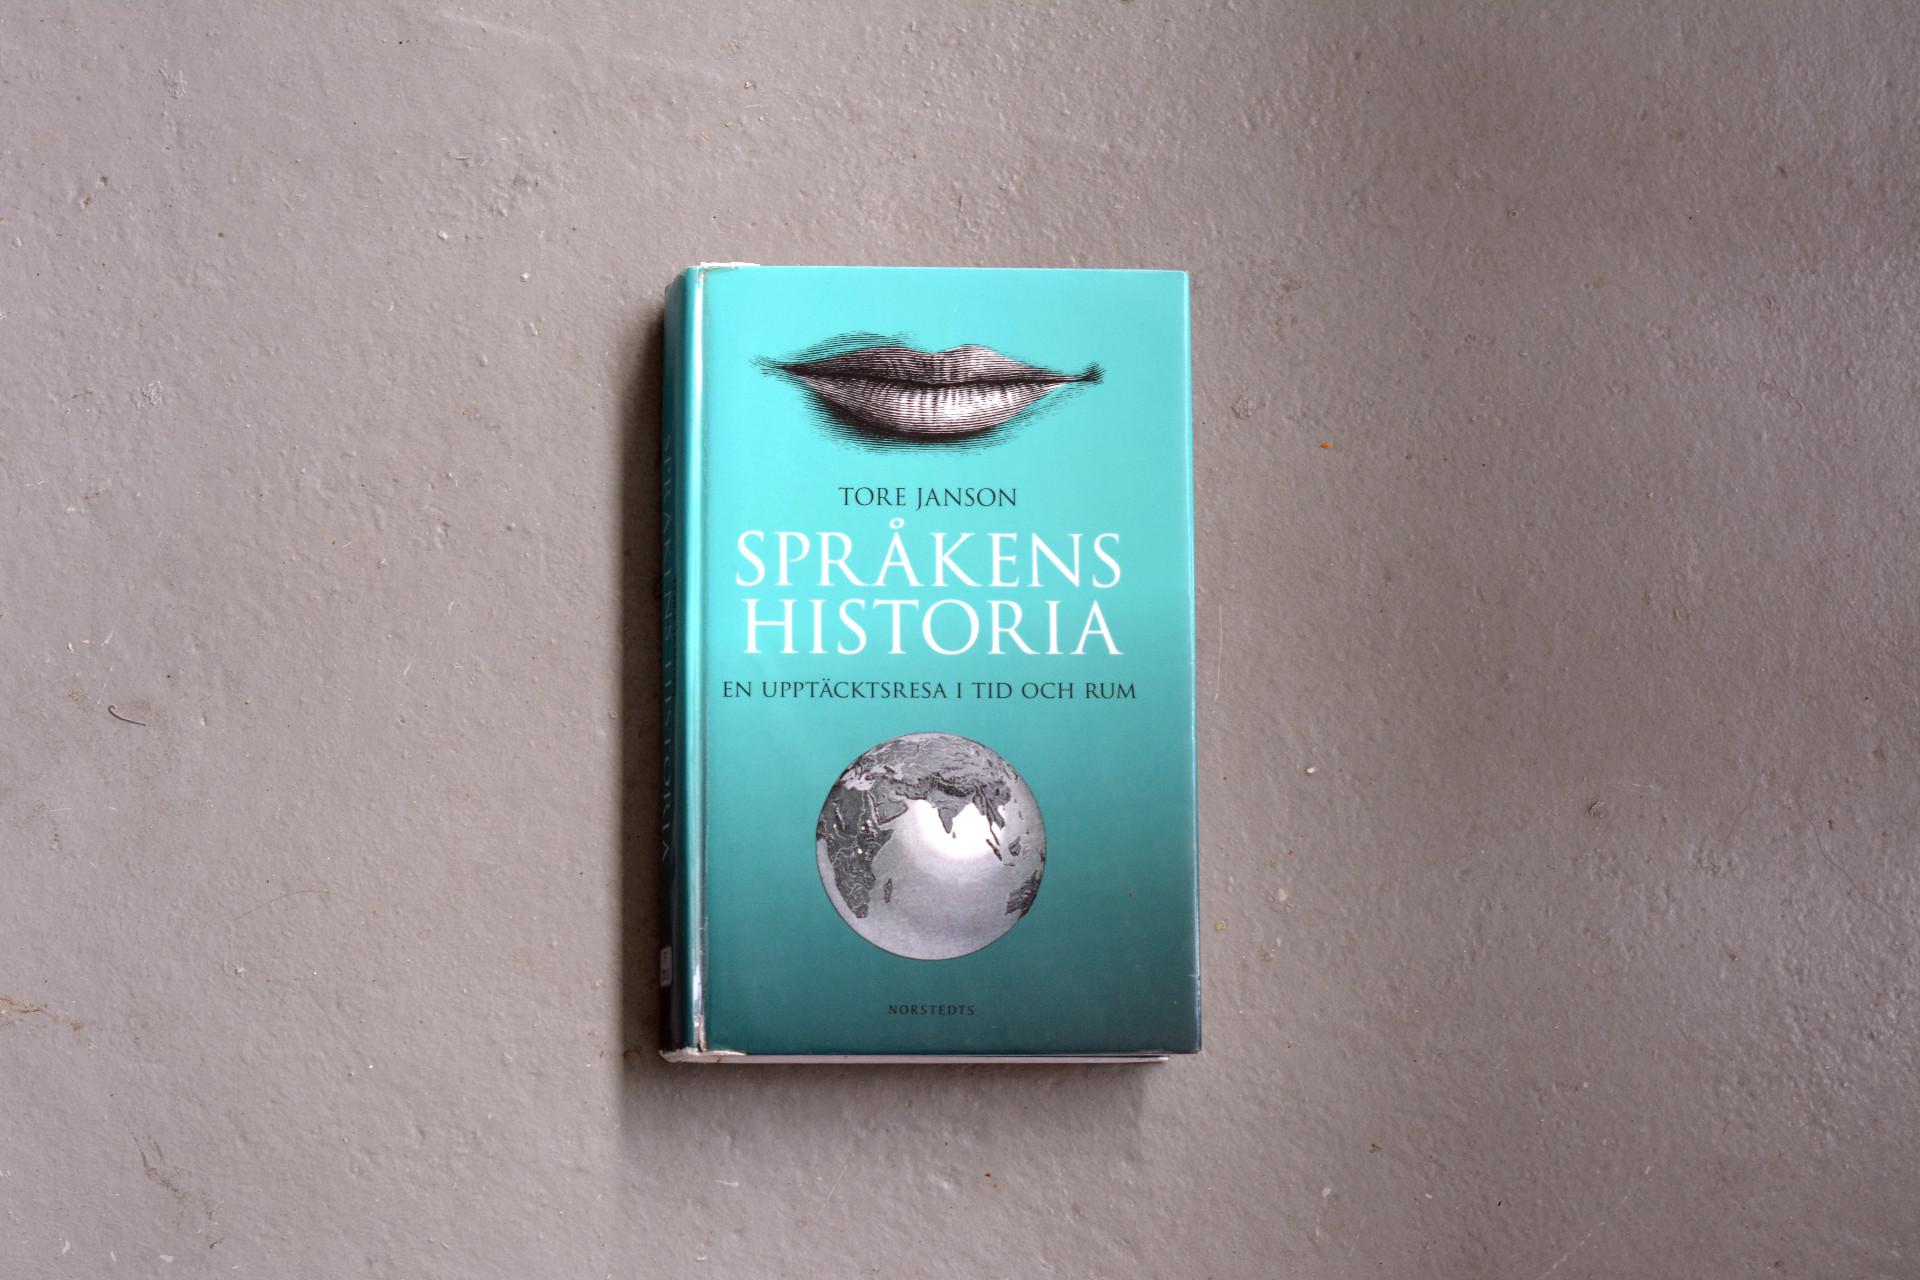 Språkens historia av Tore Janson